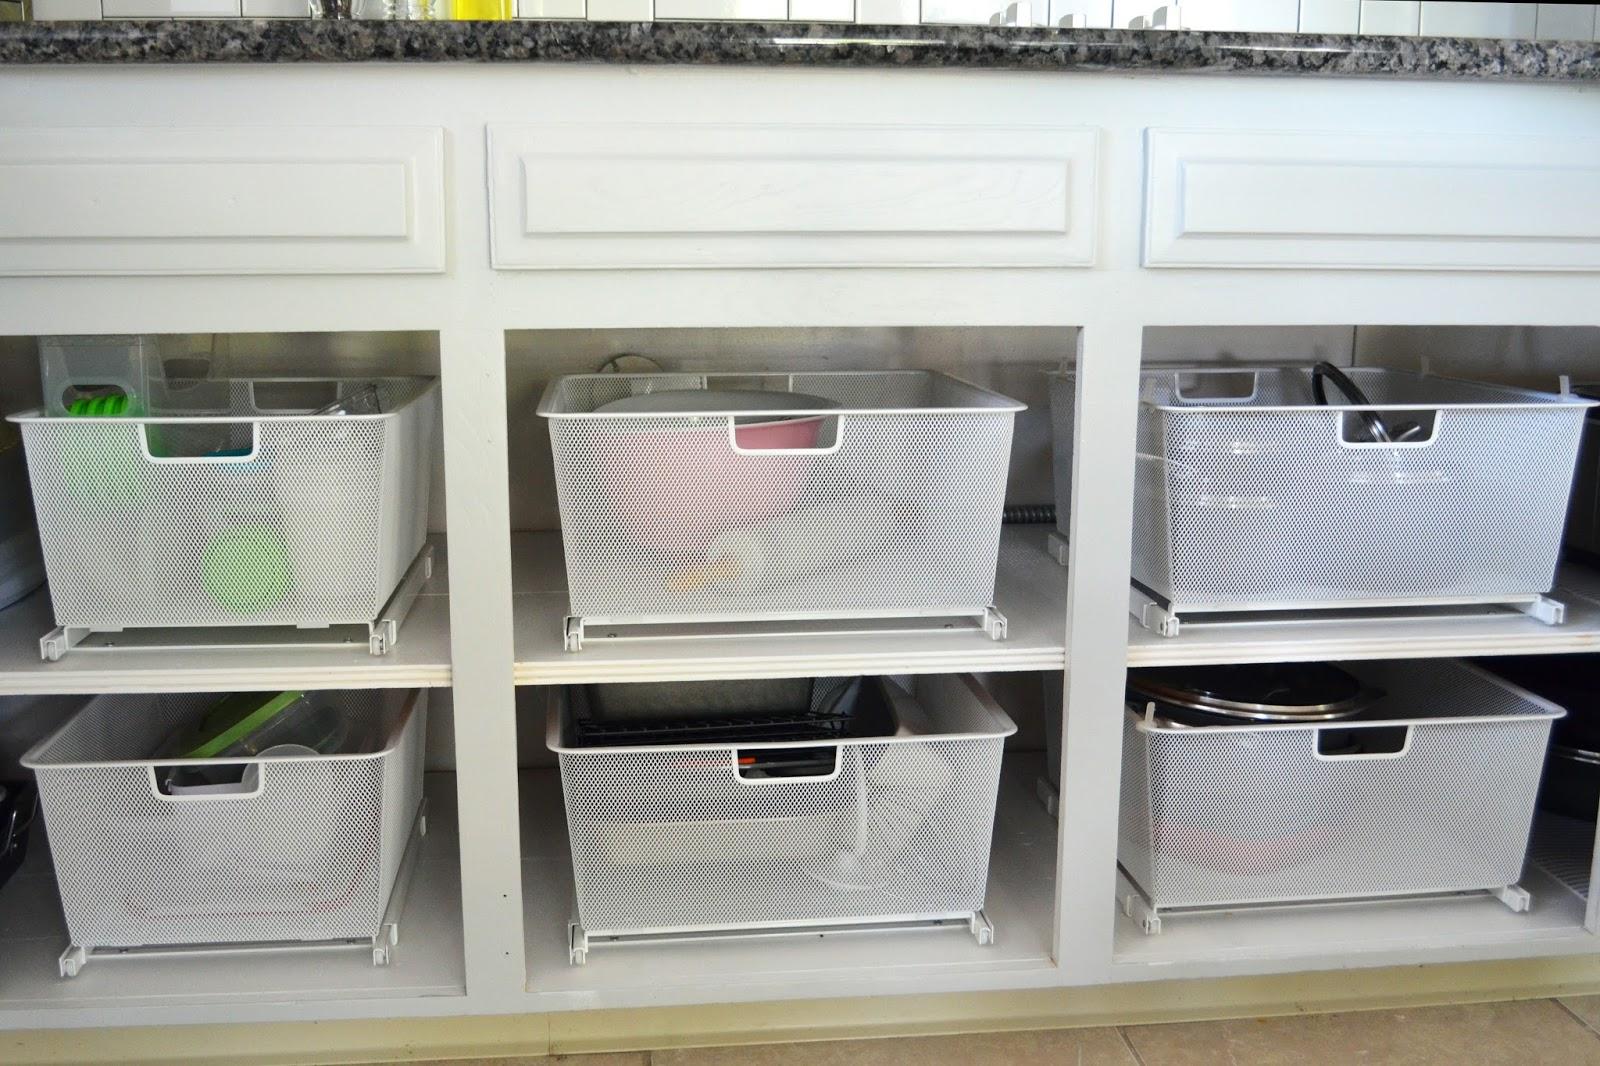 Stacy + Charlie: kitchen cabinet organization